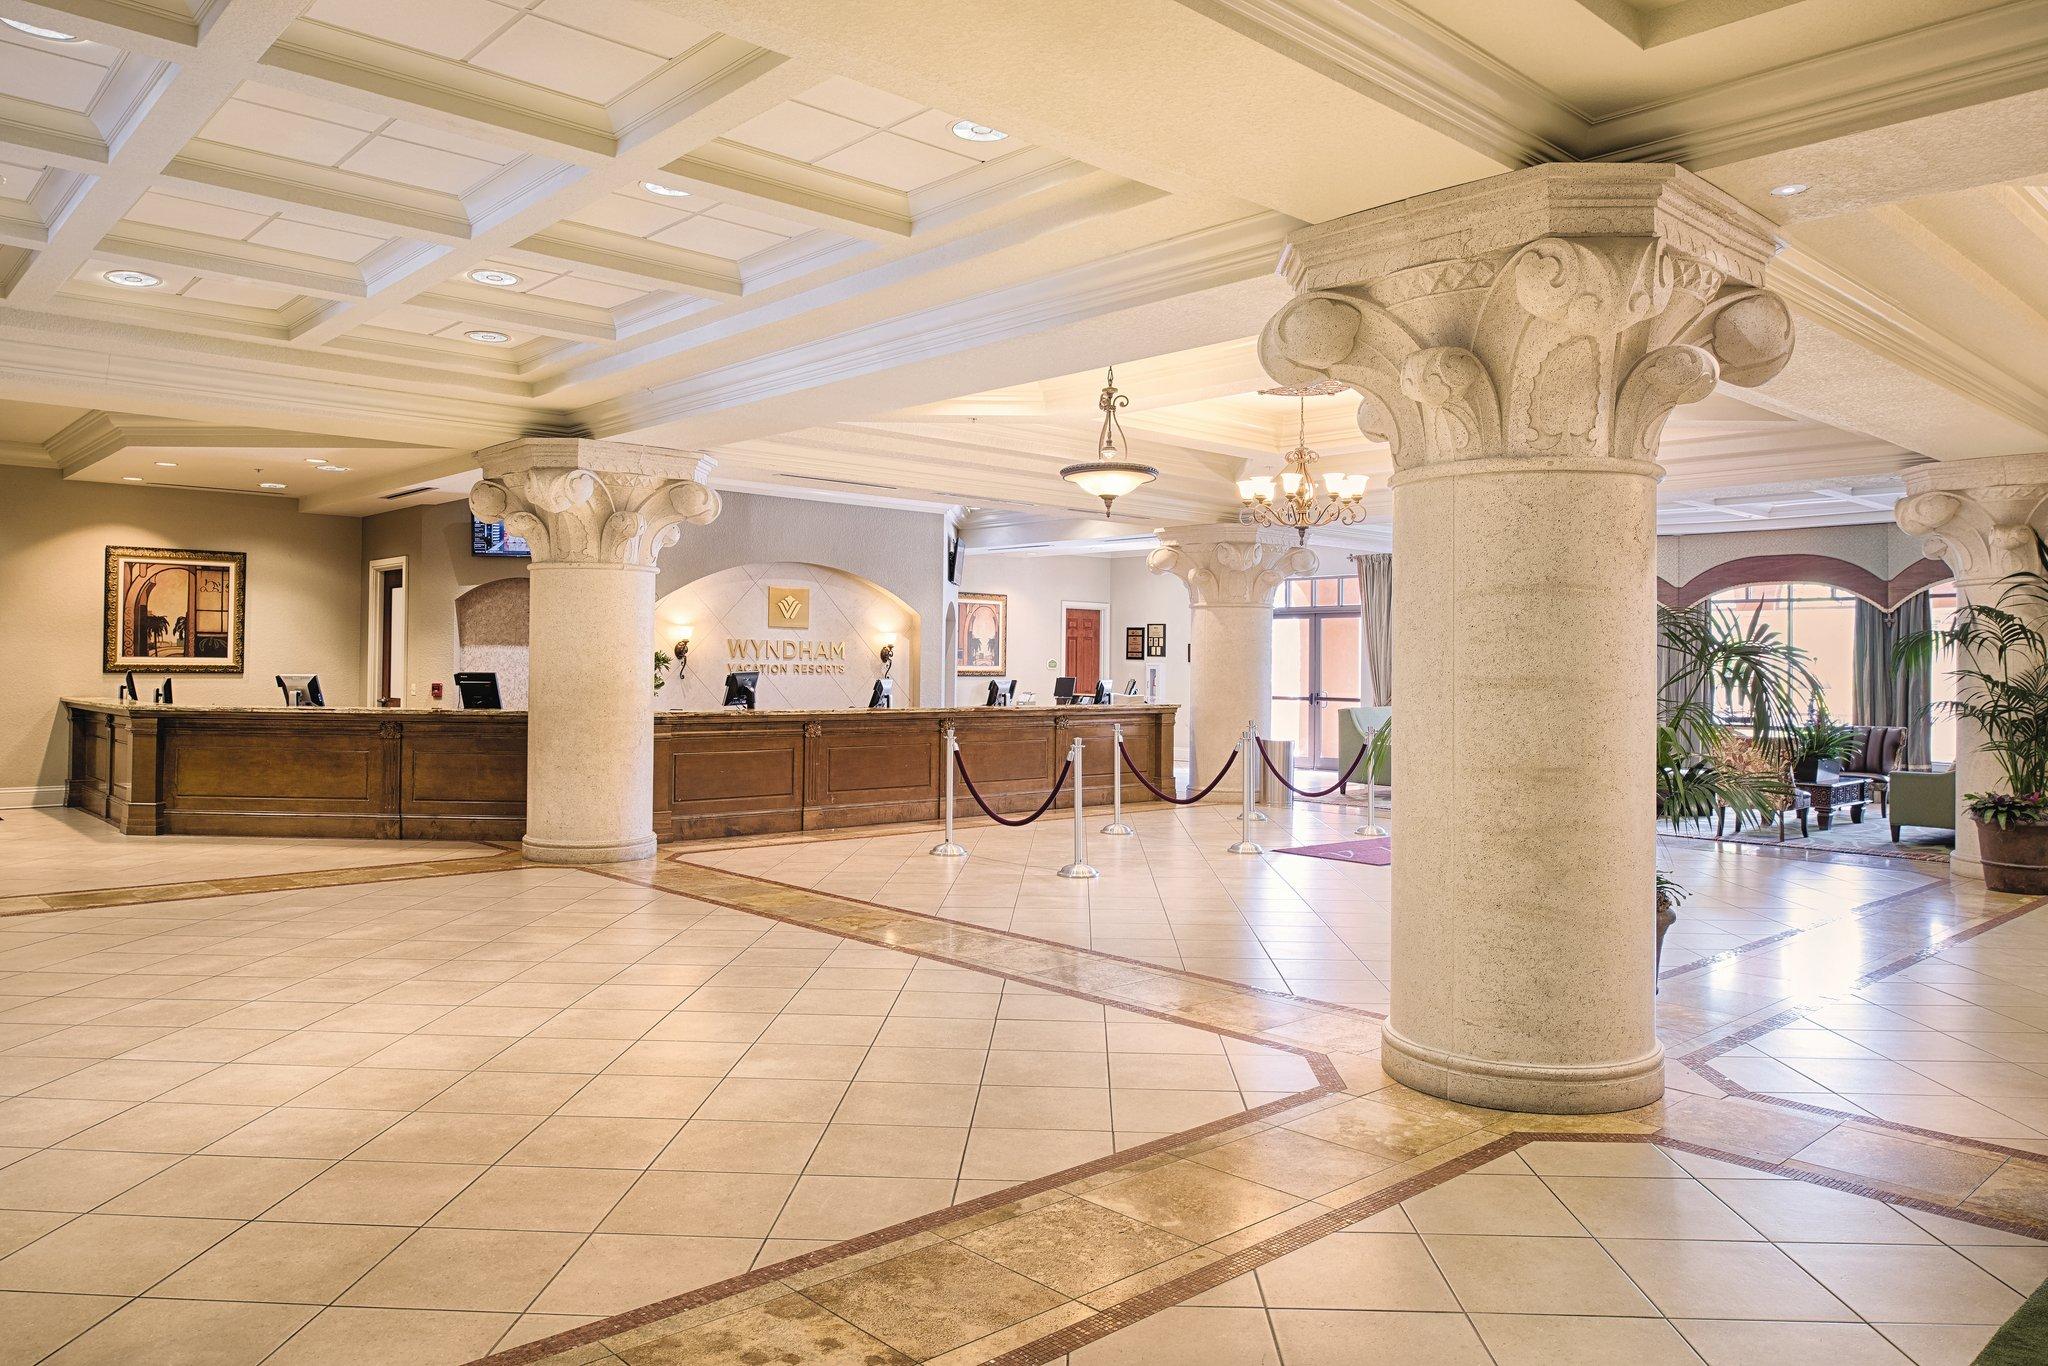 Wyndham Bonnet Creek Lobby